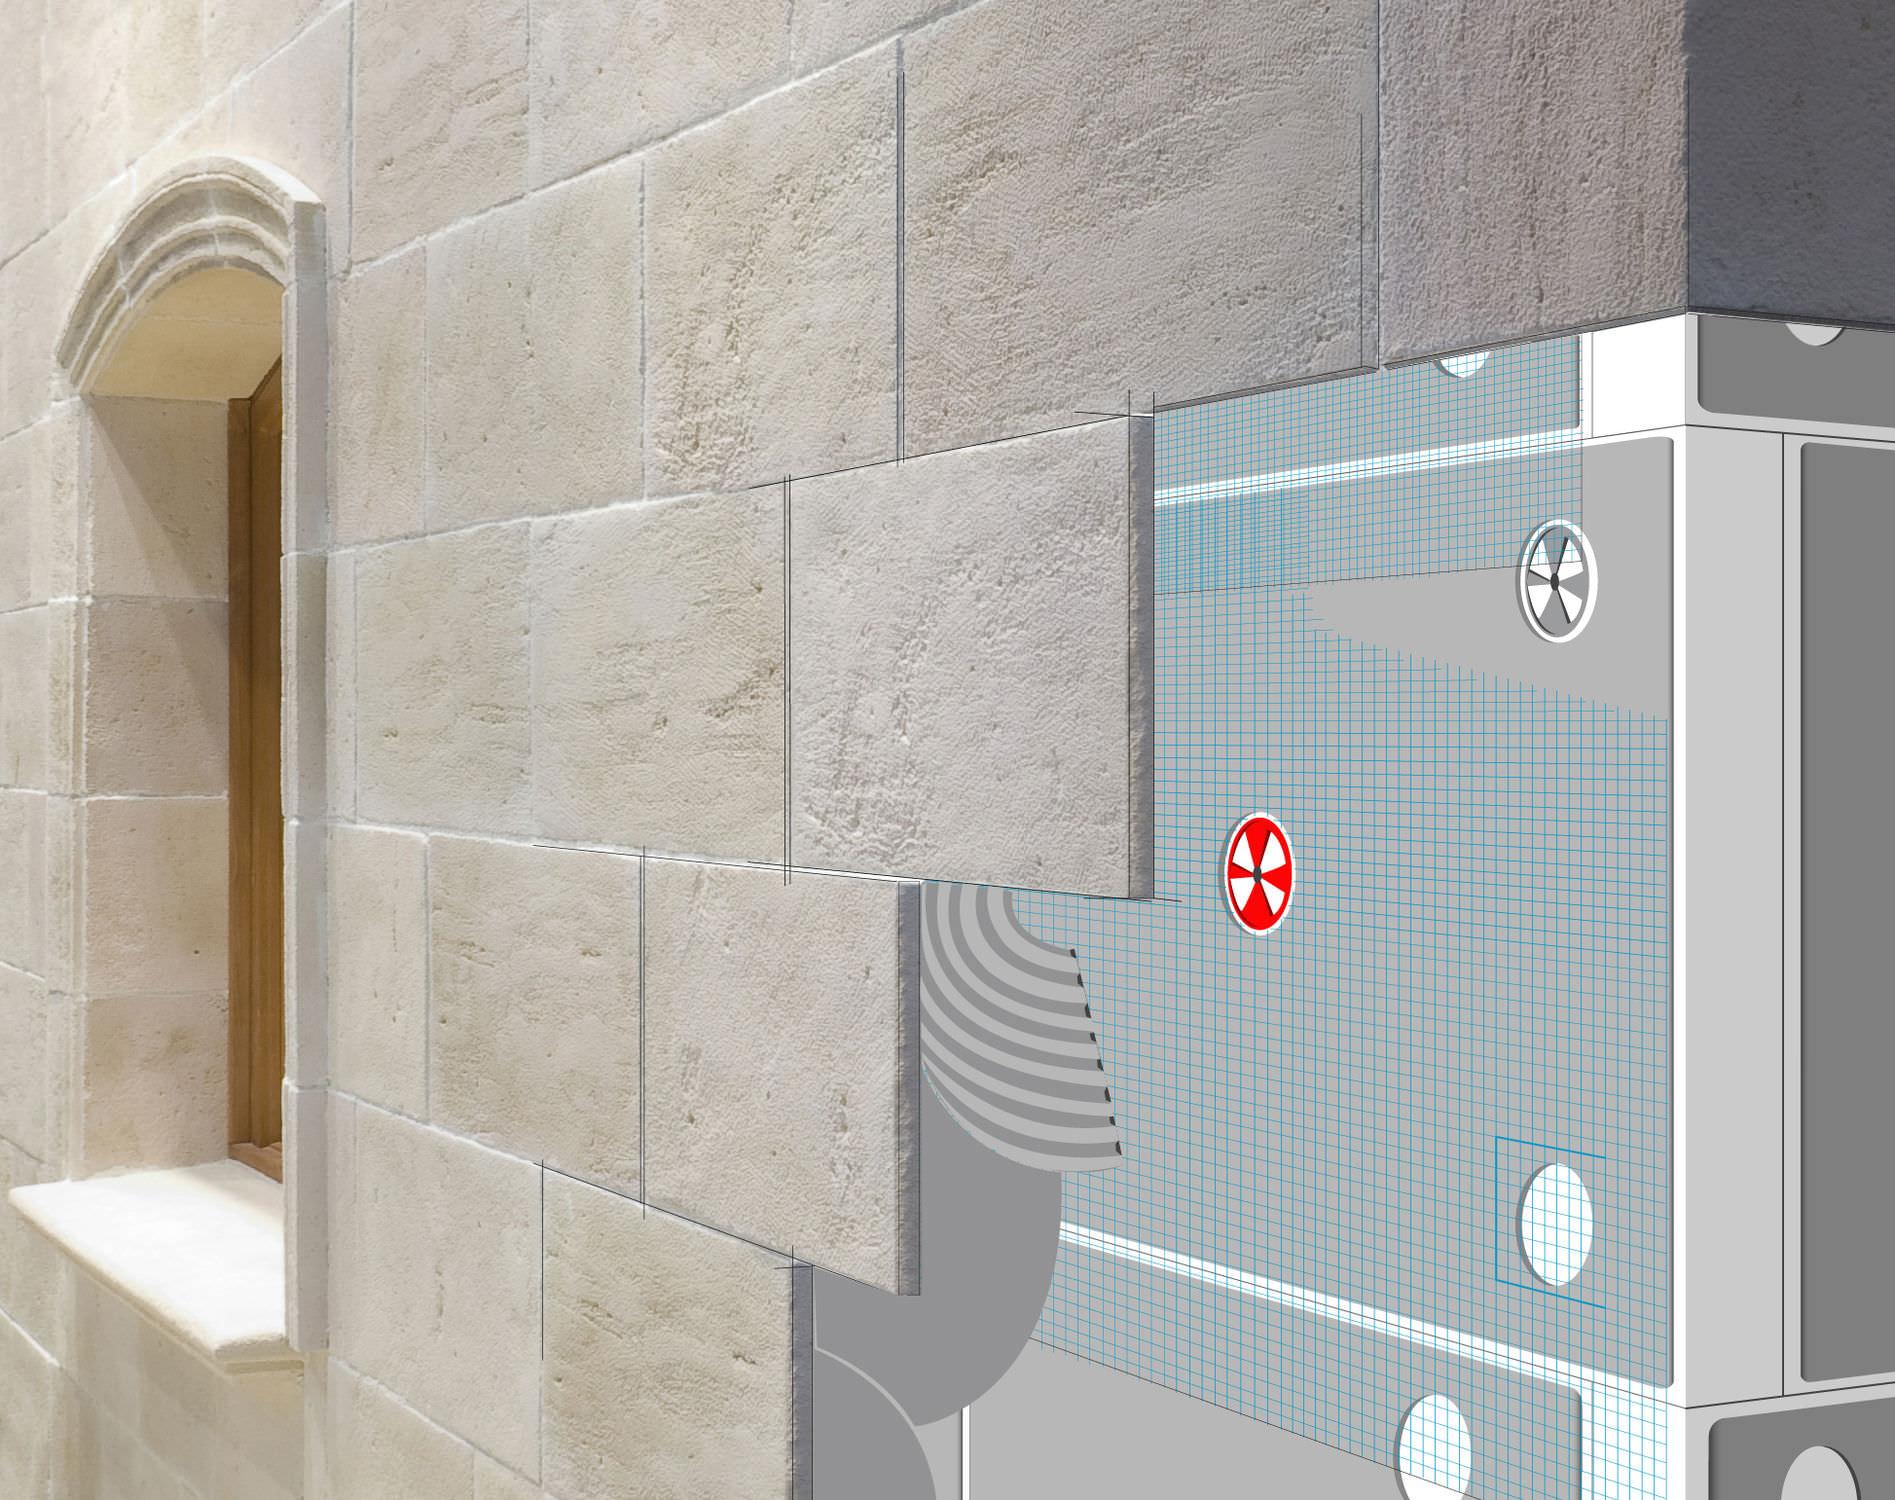 Isolante termico in polistirene espanso pse per muro divisorio